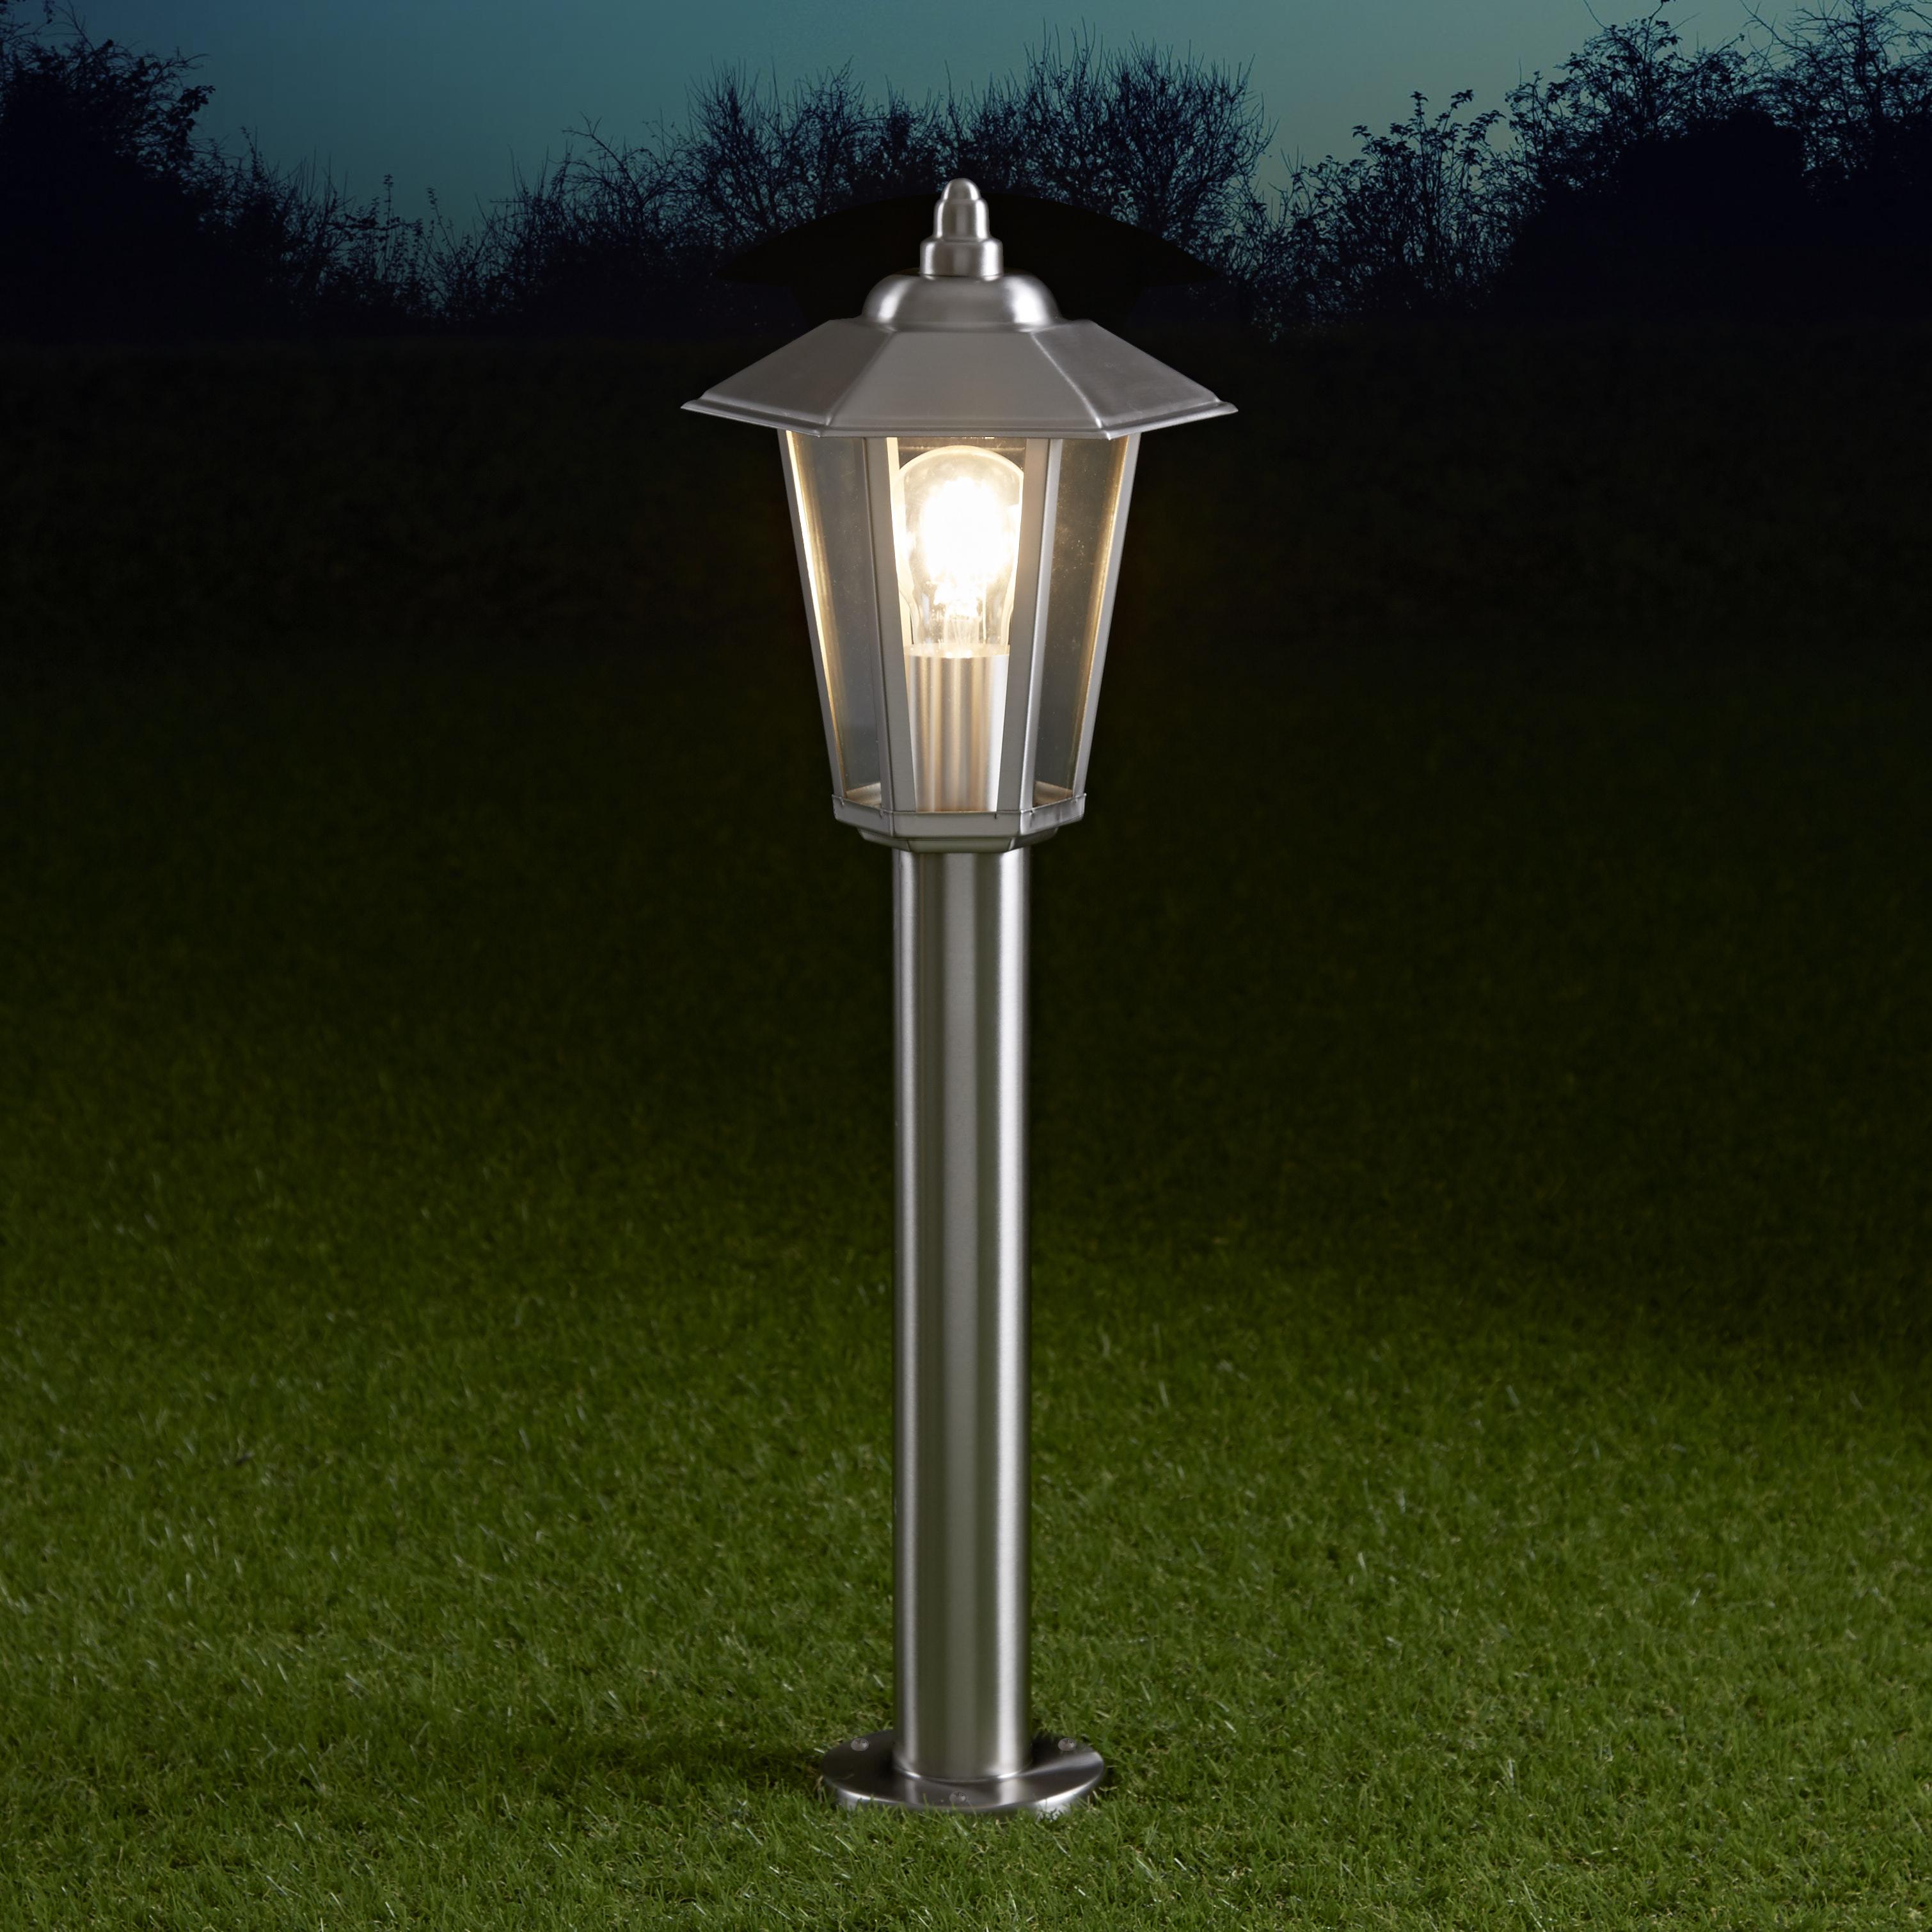 Paletto LED da Esterno 6W Stile Faretto in Acciaio Inox 600mm- Cannes